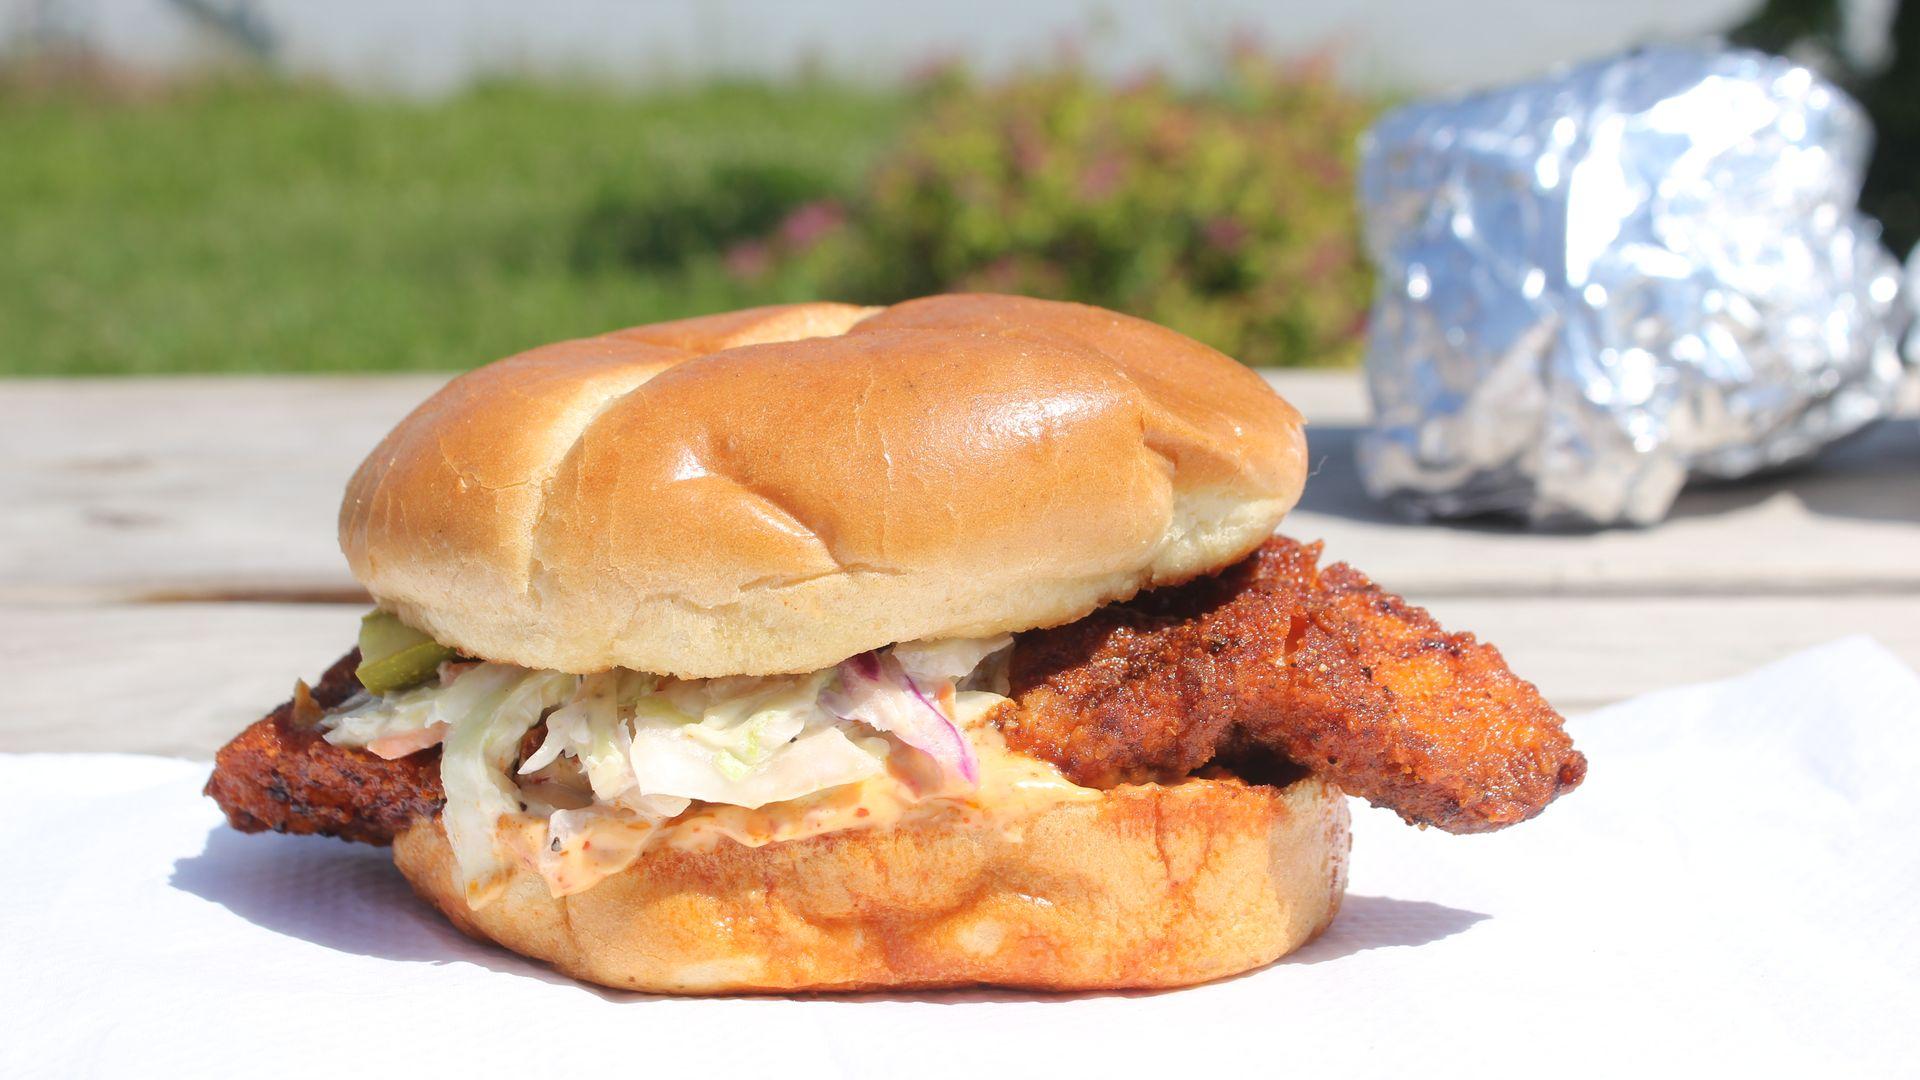 The Original Spicy Nashville sandwich from Chicken Heat.